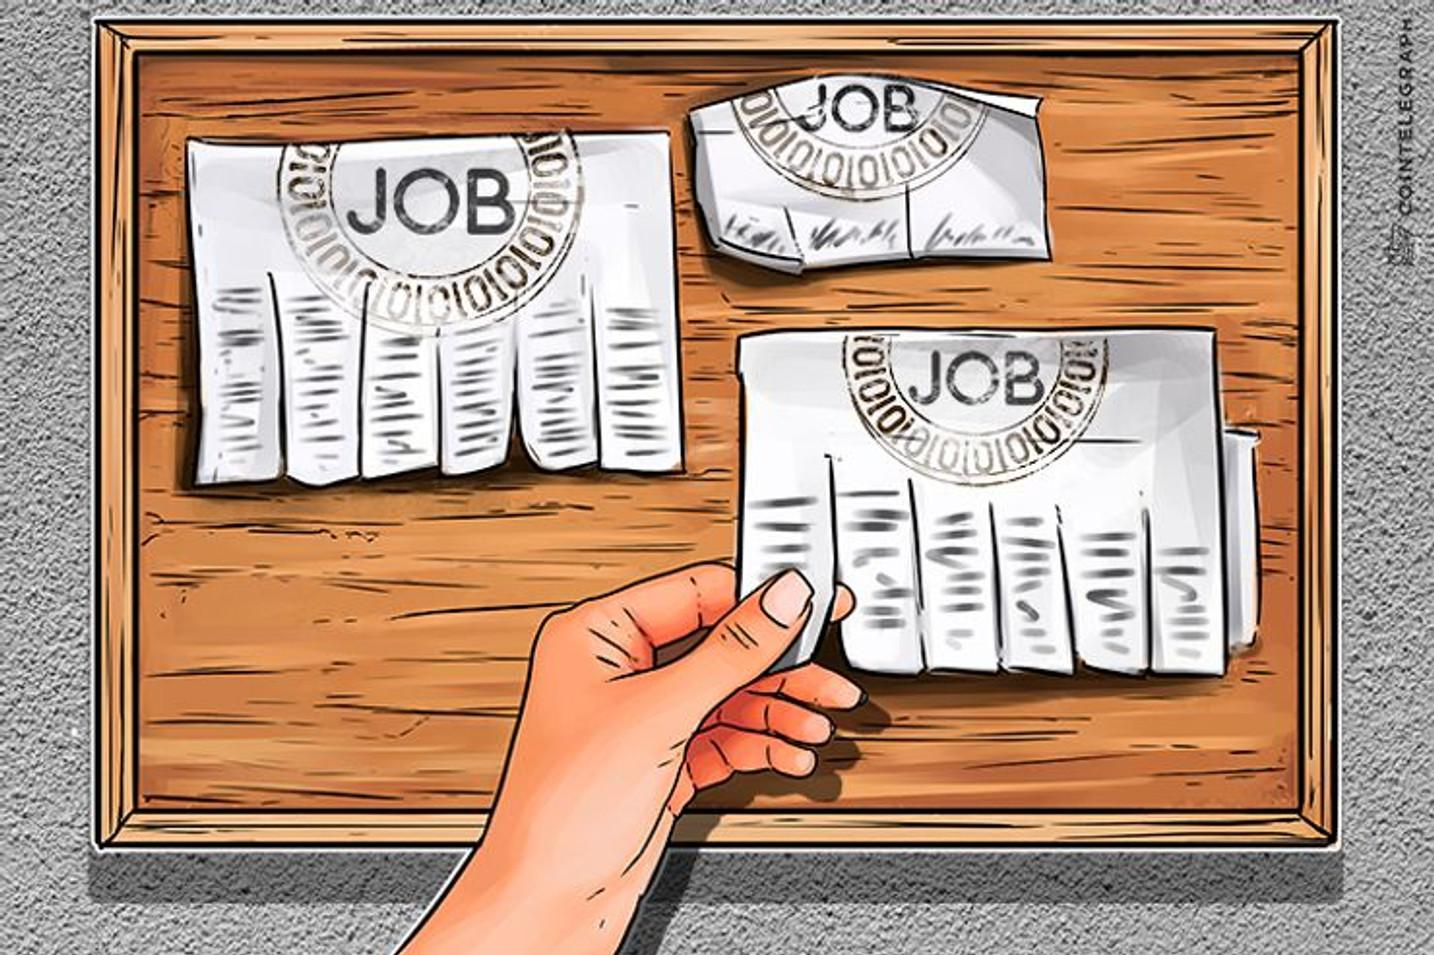 VMWare-Studie: Deutsche haben kaum Angst vor Jobverlust durch Blockchain, KI und IoT